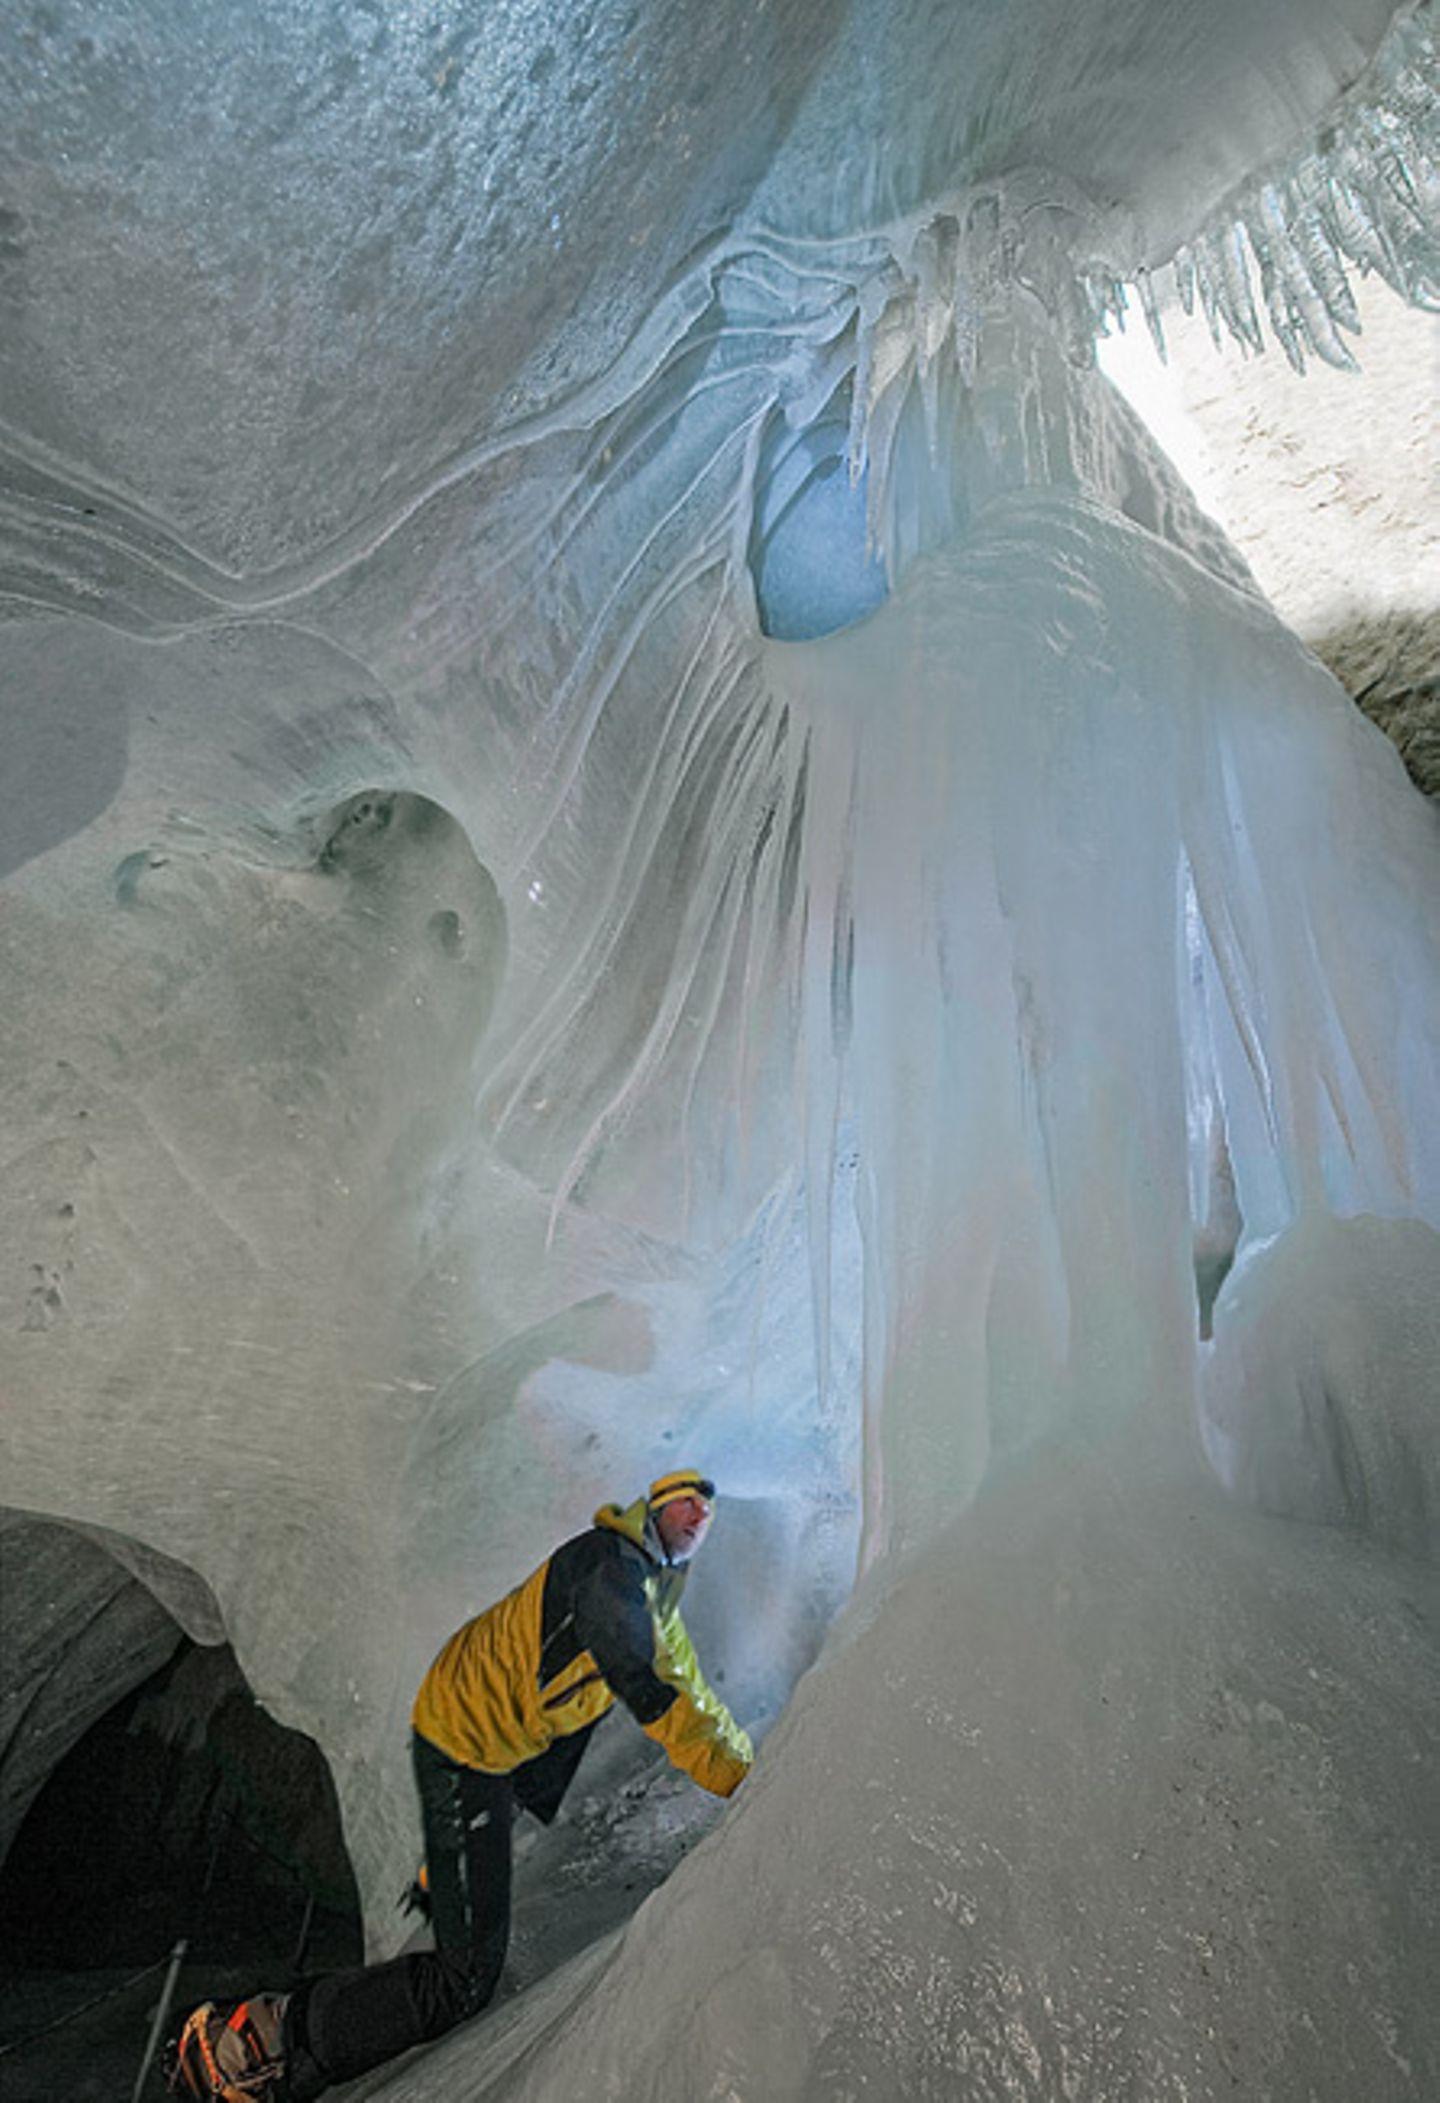 Berchtesgardener Land: Eis im Berg